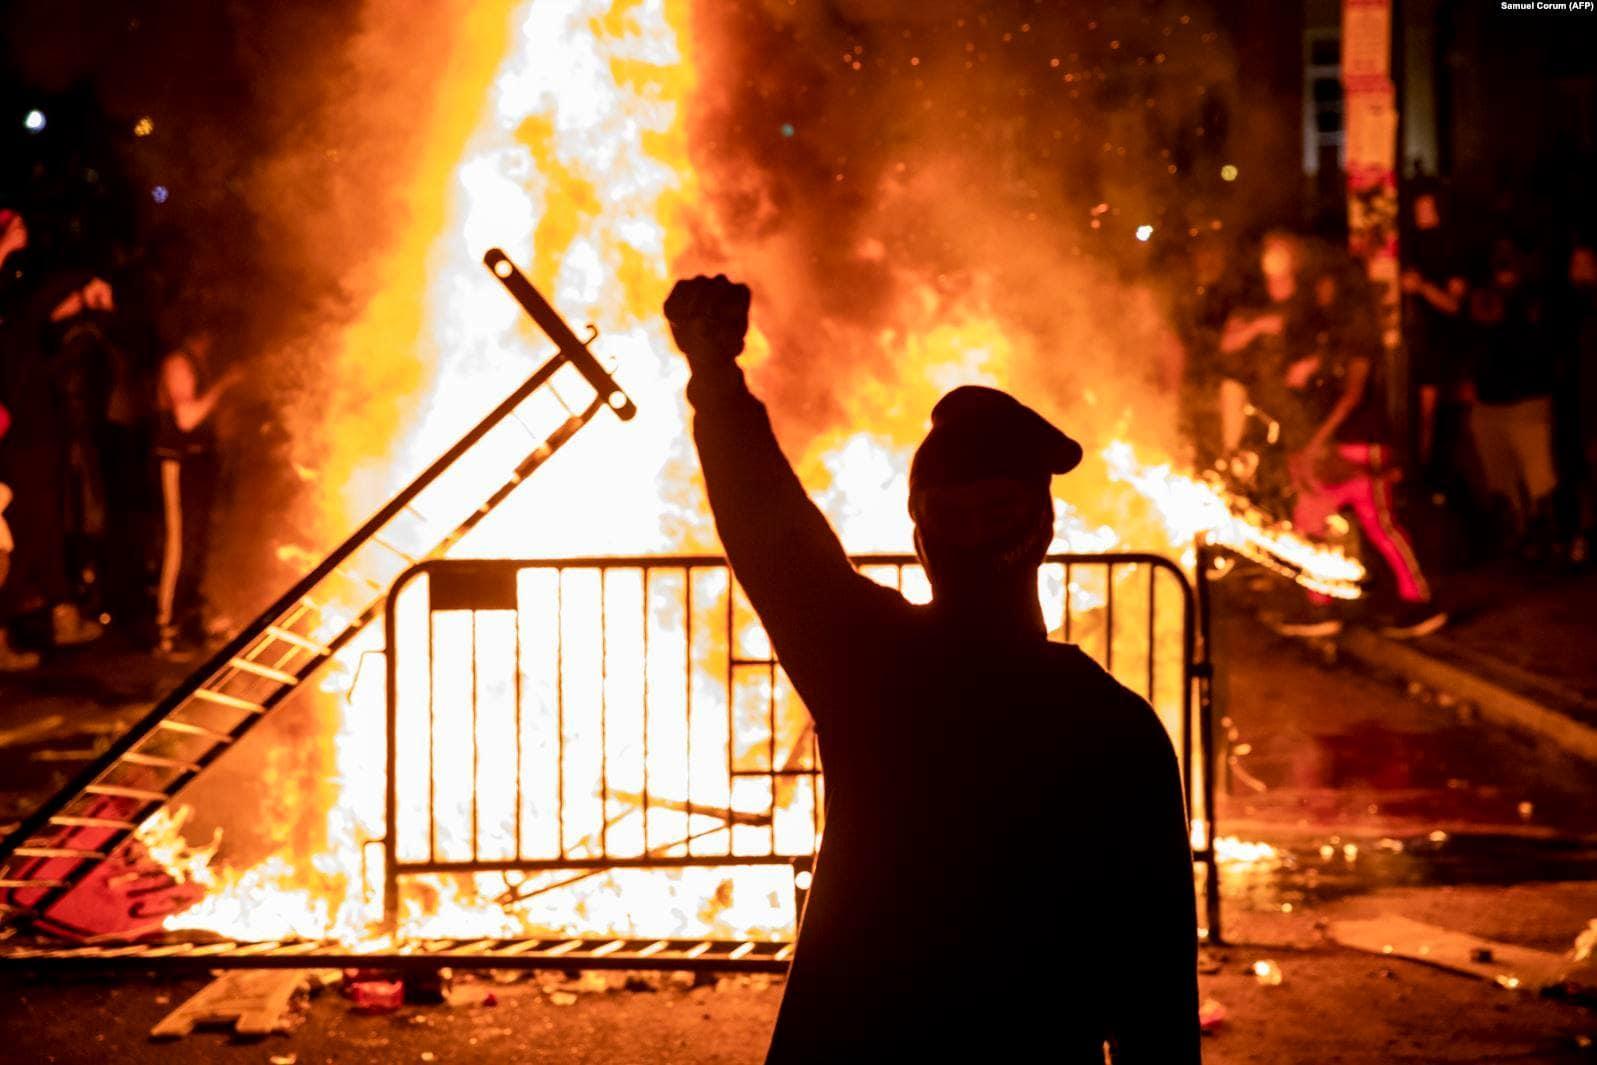 Invazia Barbarilor Manciurieni – Despre bolșevismul cultural și politic al postmodernismului revoluționar al stângii